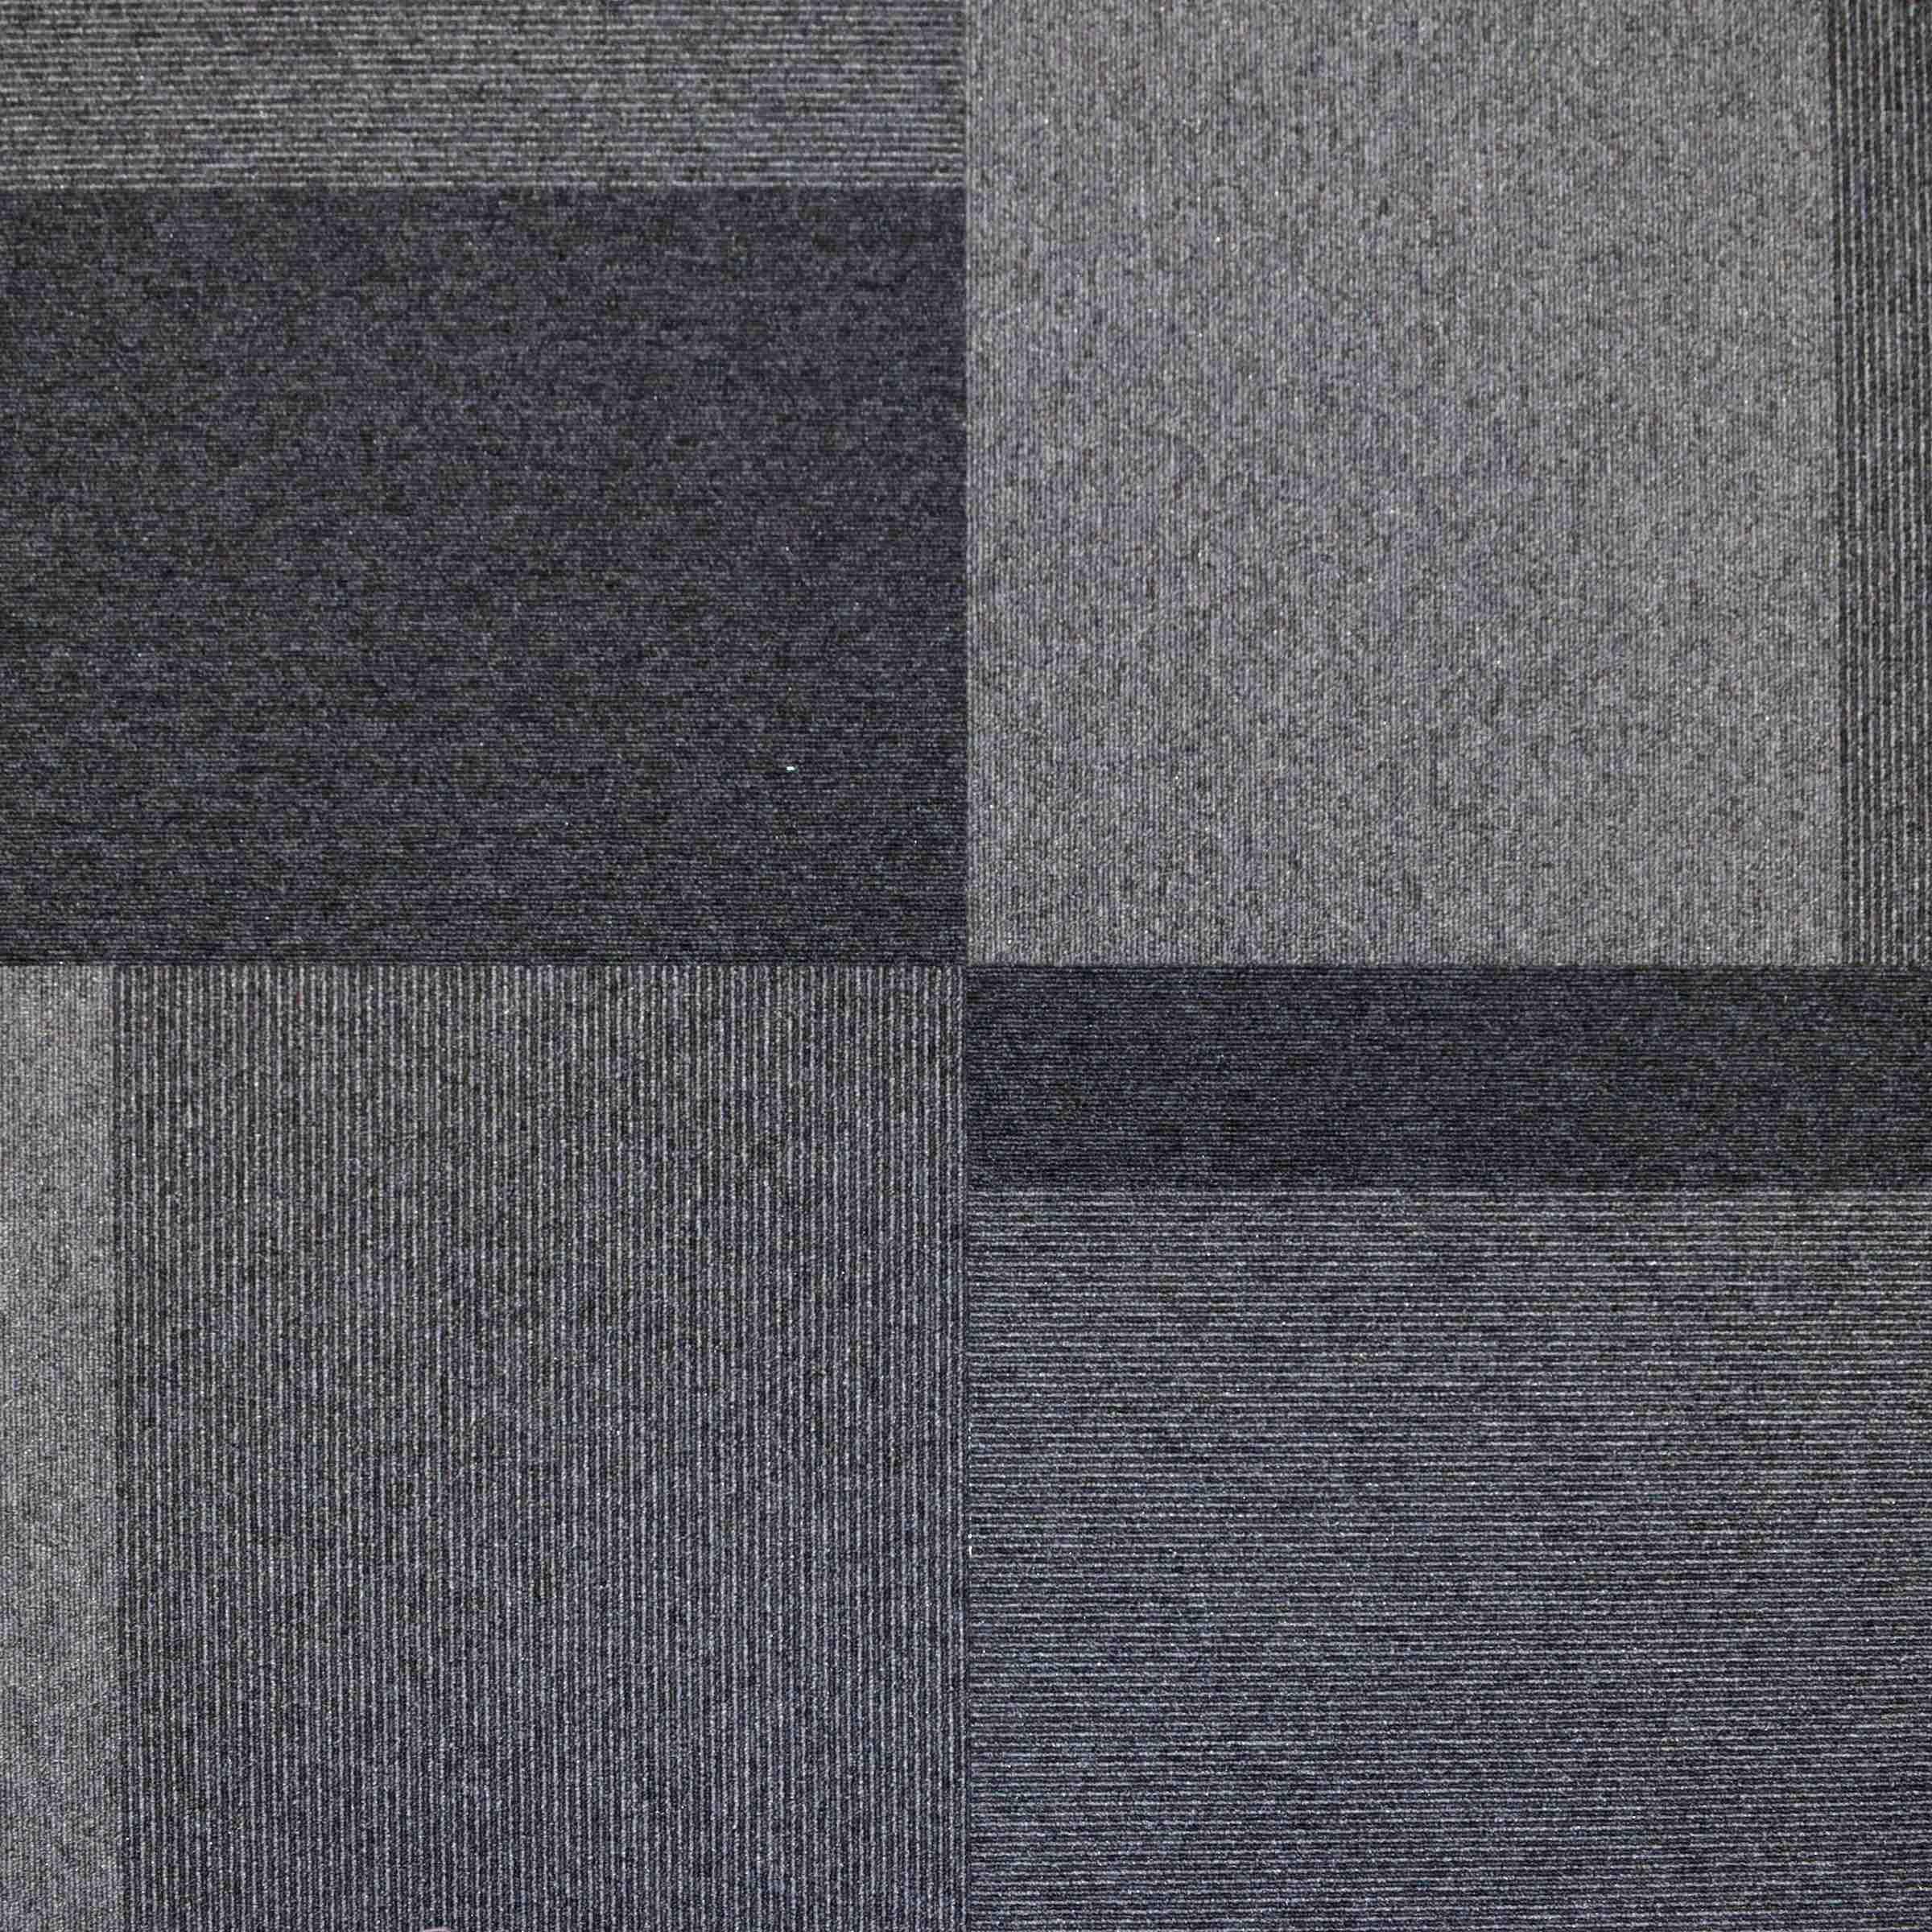 Total Contrast | Palladium Sky | Paragon Carpet Tiles | Commercial Carpet Tiles